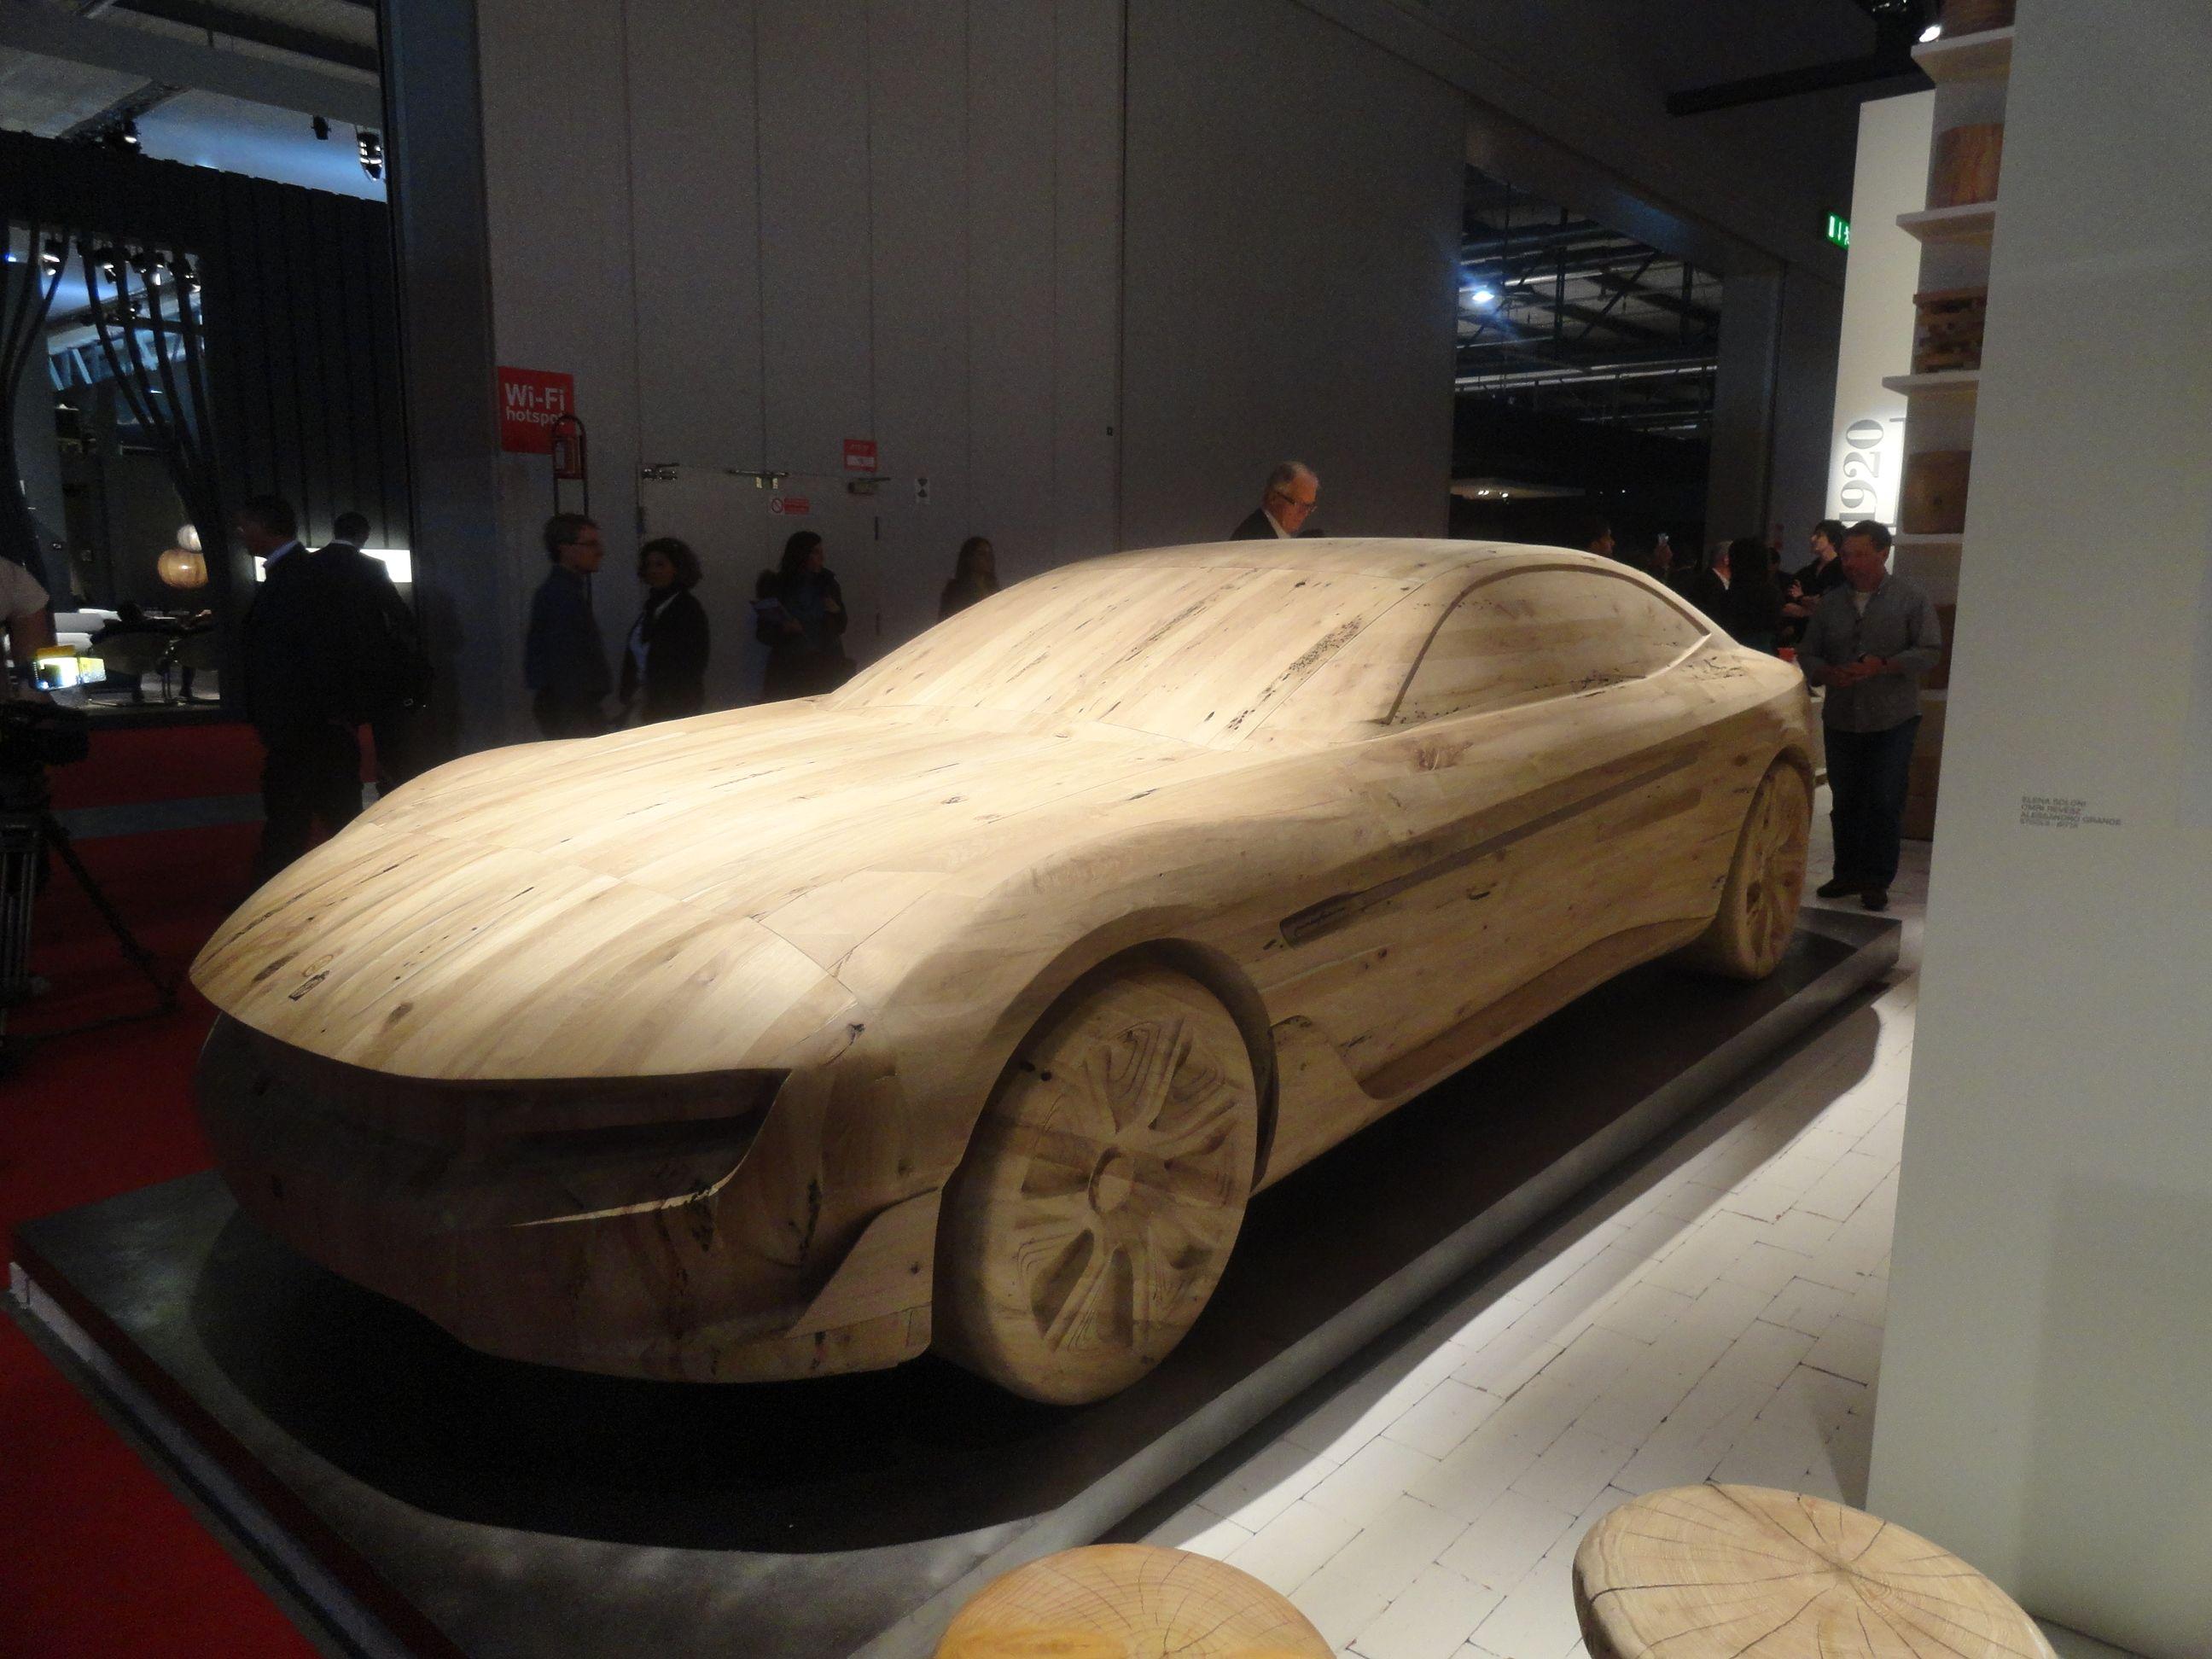 Projeto sustentável que chamou atenção no iSaloni 2012 (Milão). Utilizando uma matéria prima que não teria proveito(Madeira briccola reciclada), os designers responsáveis criaram uma réplica do imponente carro Pininfarina Cambiano, da marca italiana Riva 1920.